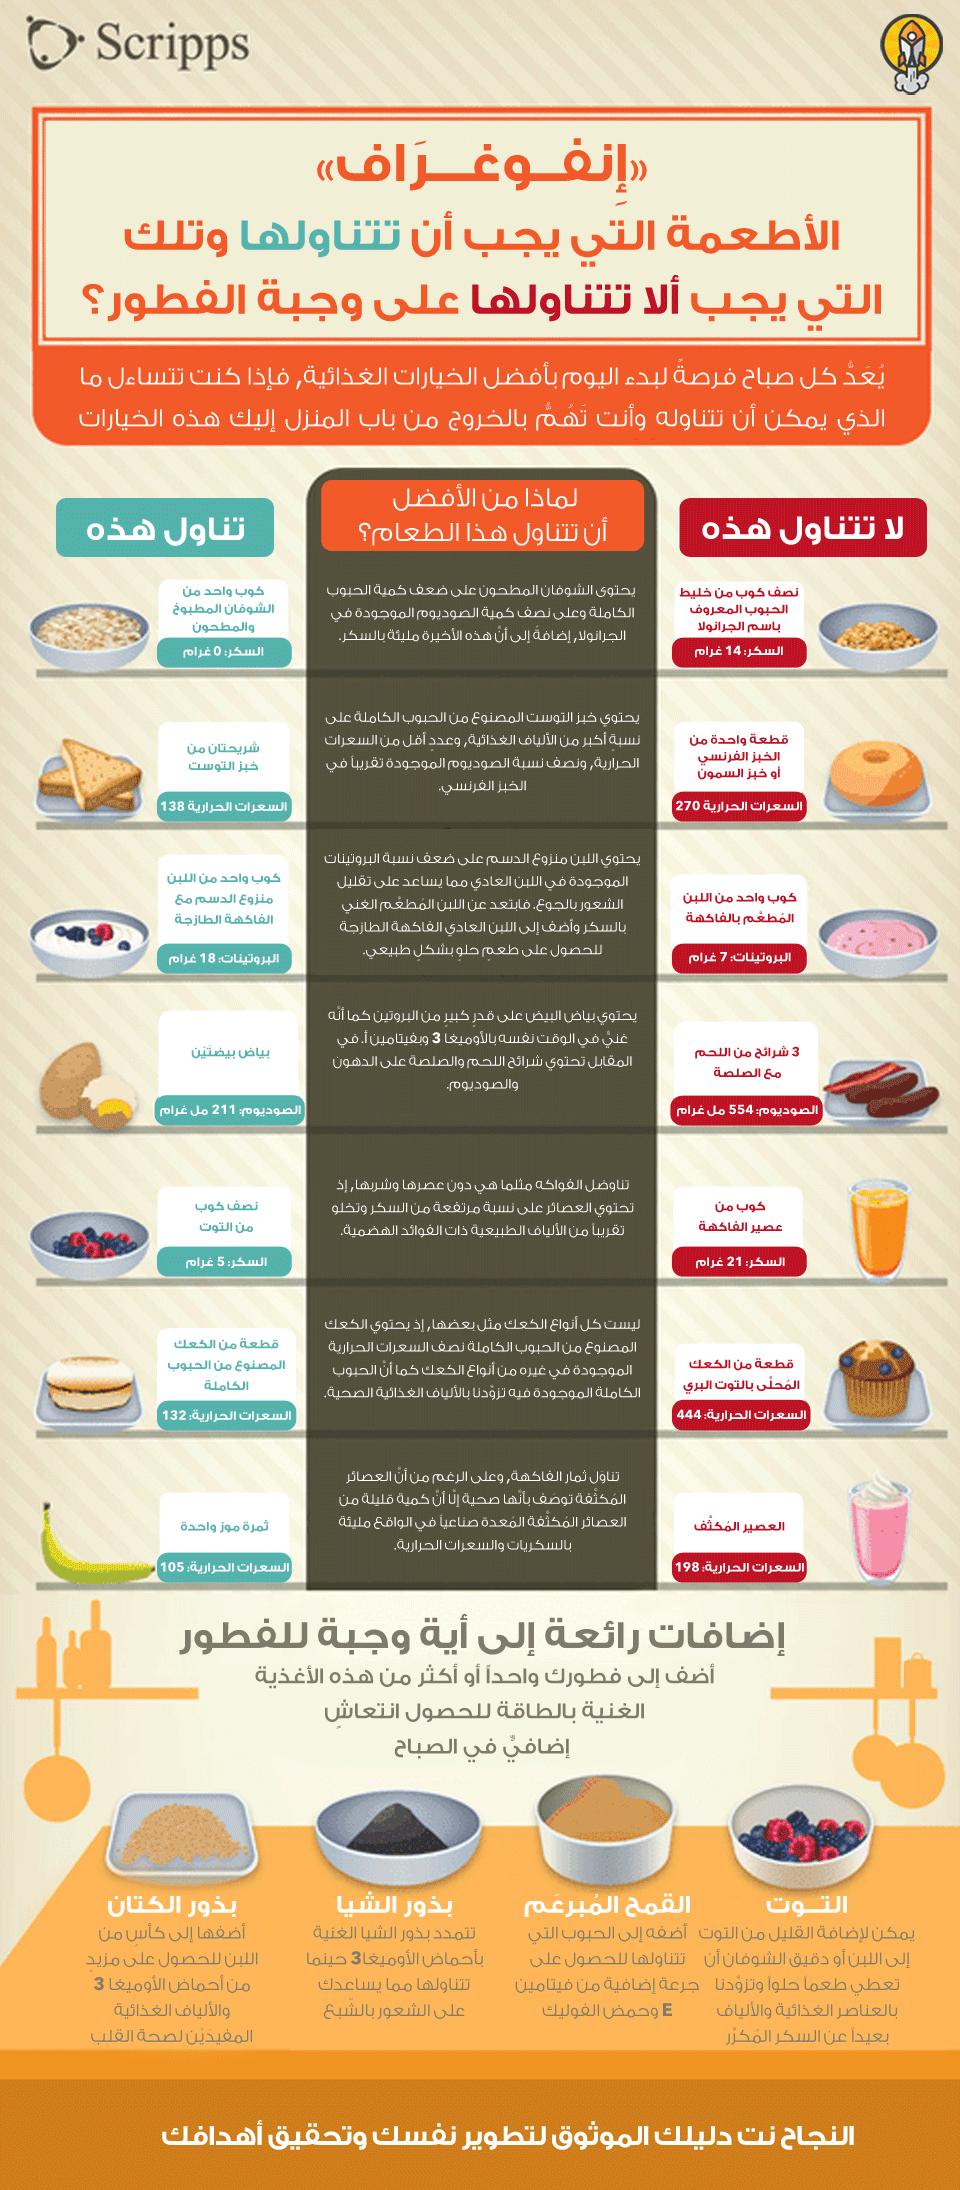 انفوغرافيك أطعمة عليك تناولها عدم تناولها على الفطور Nutrition Health Healthy Lifestyle